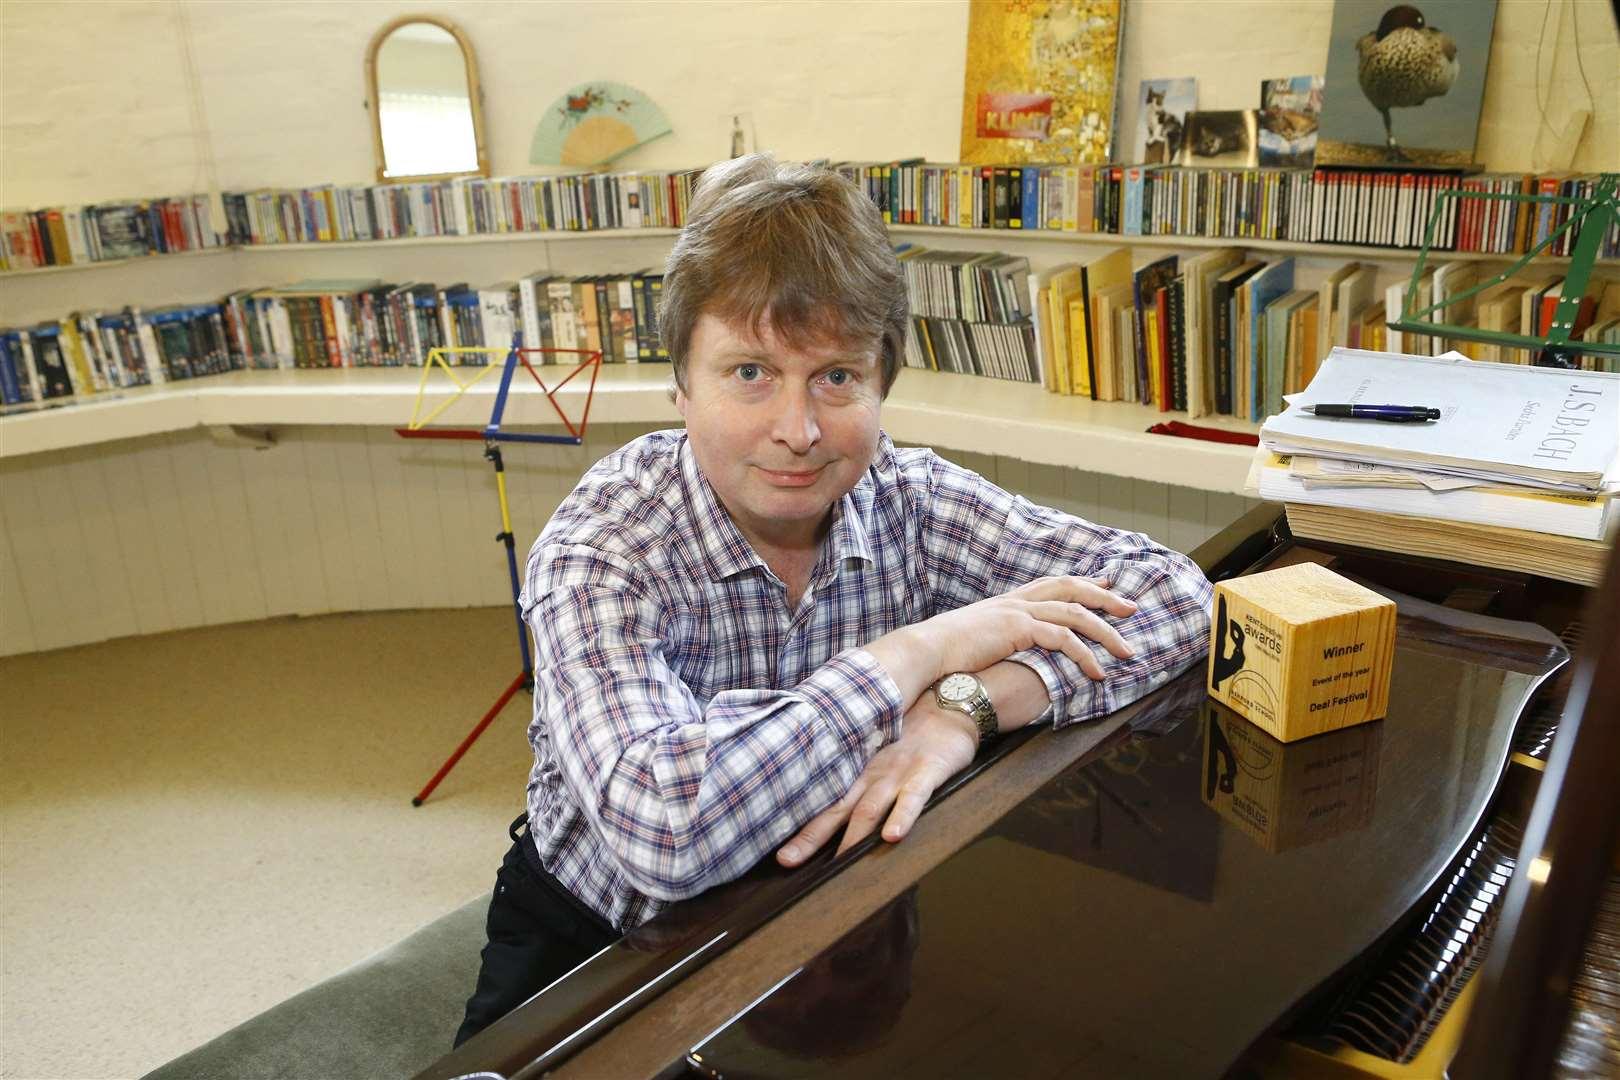 """Festivalio """"The Deal"""" meno vadovas Paulas Edlinas liepos 11 dieną Šv. Jurgio koplyčioje 15 val."""